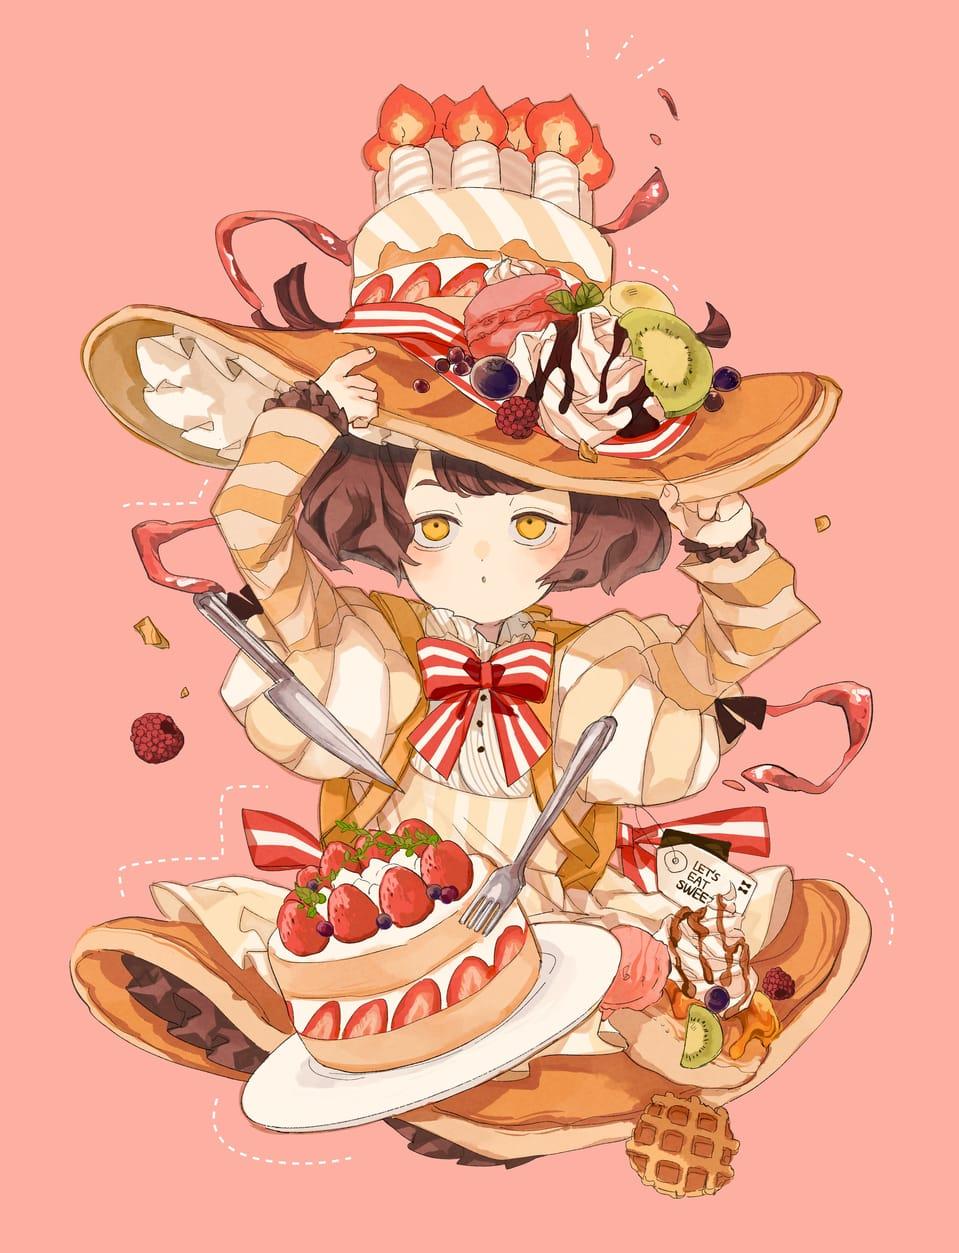 ウィッチ・アラモード Illust of ひがしの October2020_Contest:Food illustration お菓子 original girl